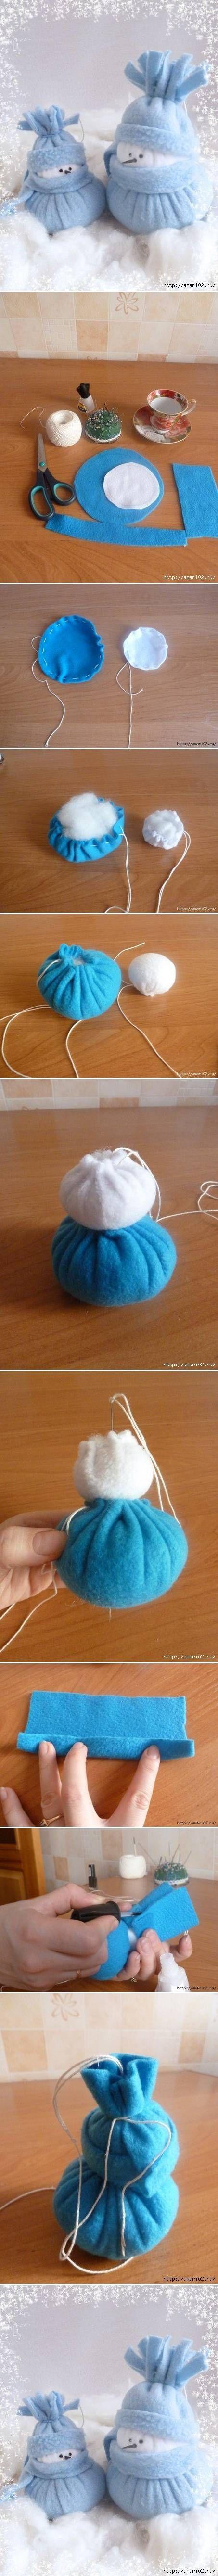 Пркрасные ёлочные игрушки которые может сделать каждый дабы преукрасить свою ёлочку^_^